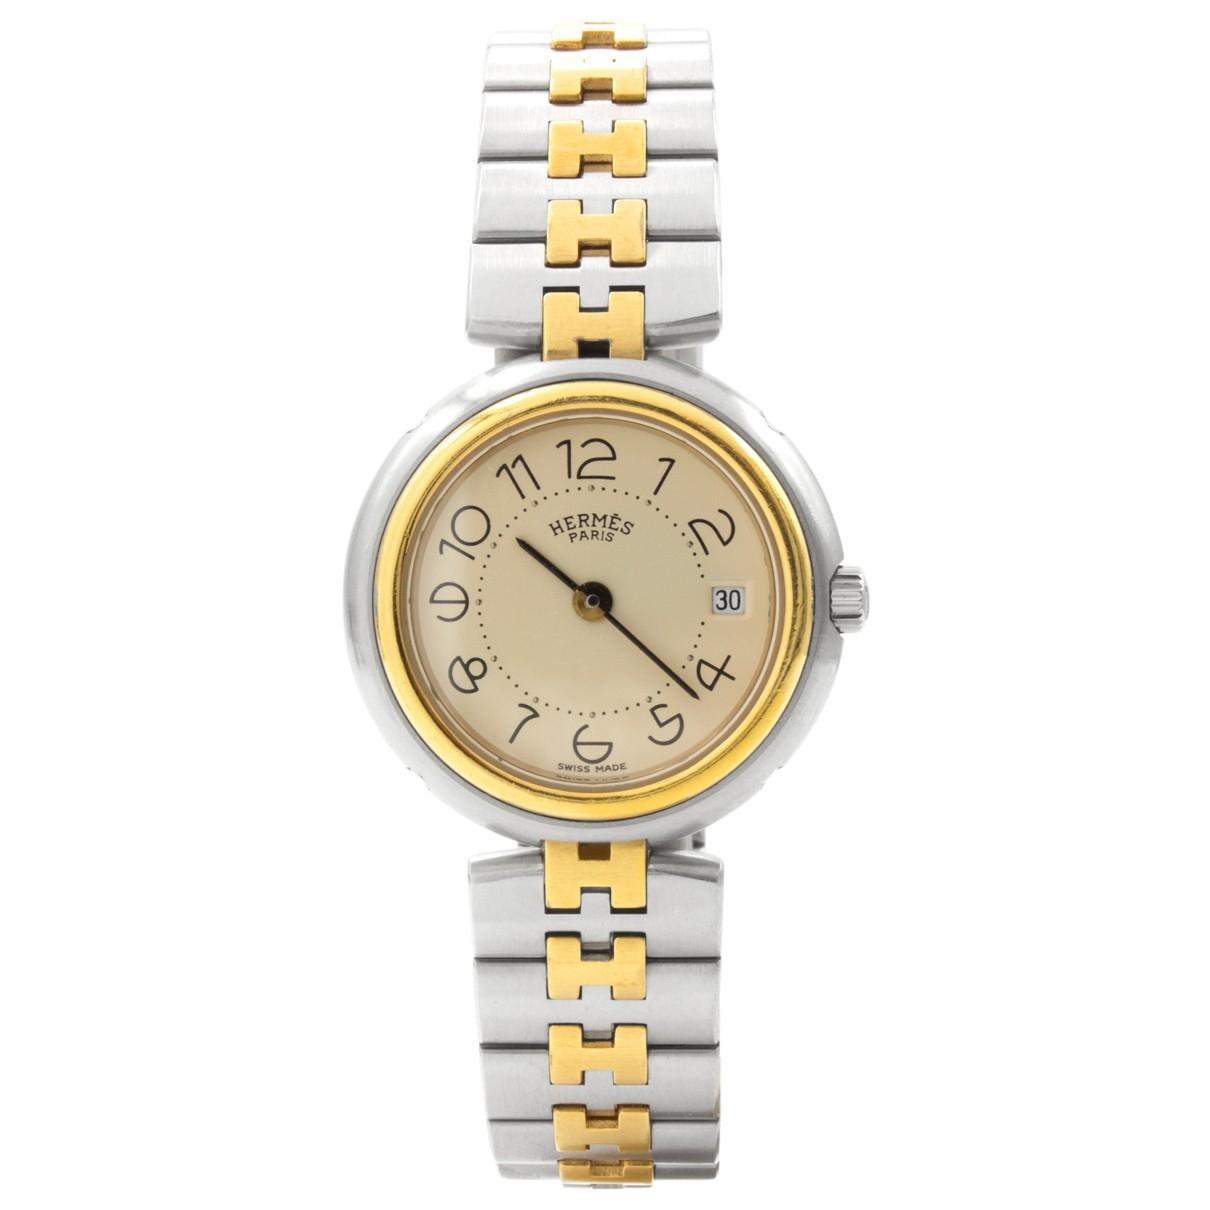 Hermes \N Uhr in  Silber Vergoldet